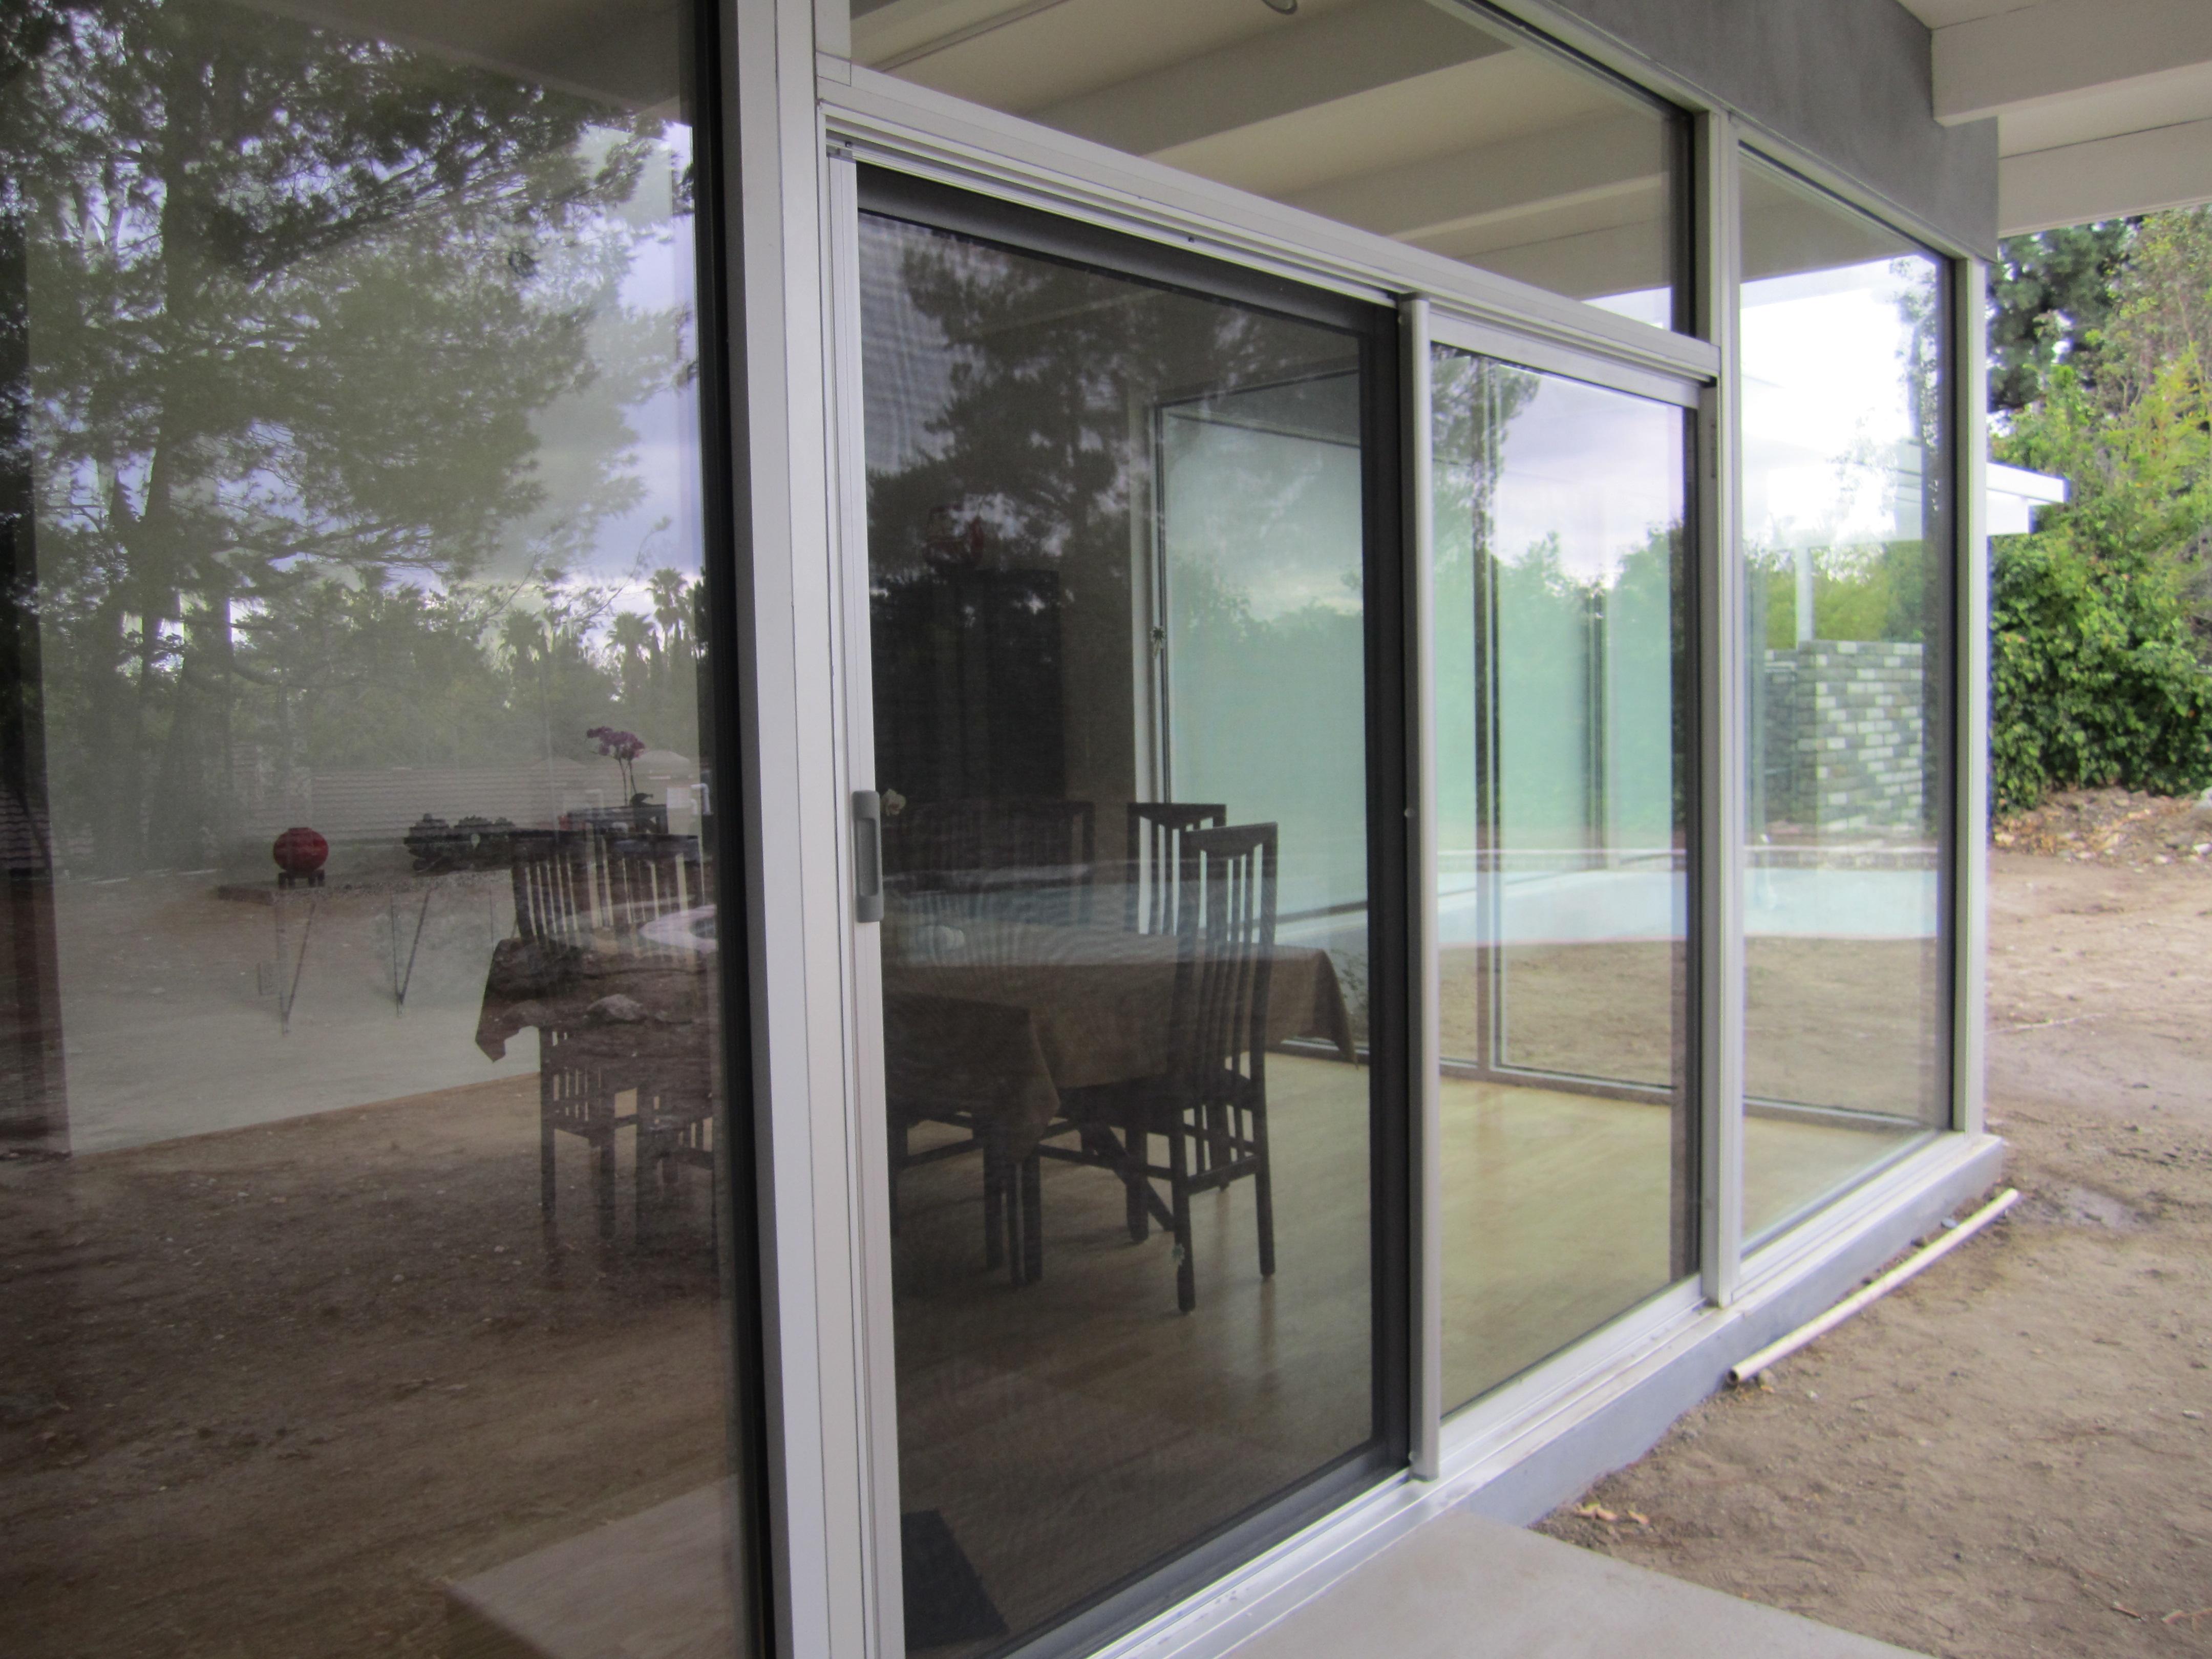 Clear Anodized Retractable Screen Door for a sliding screen door